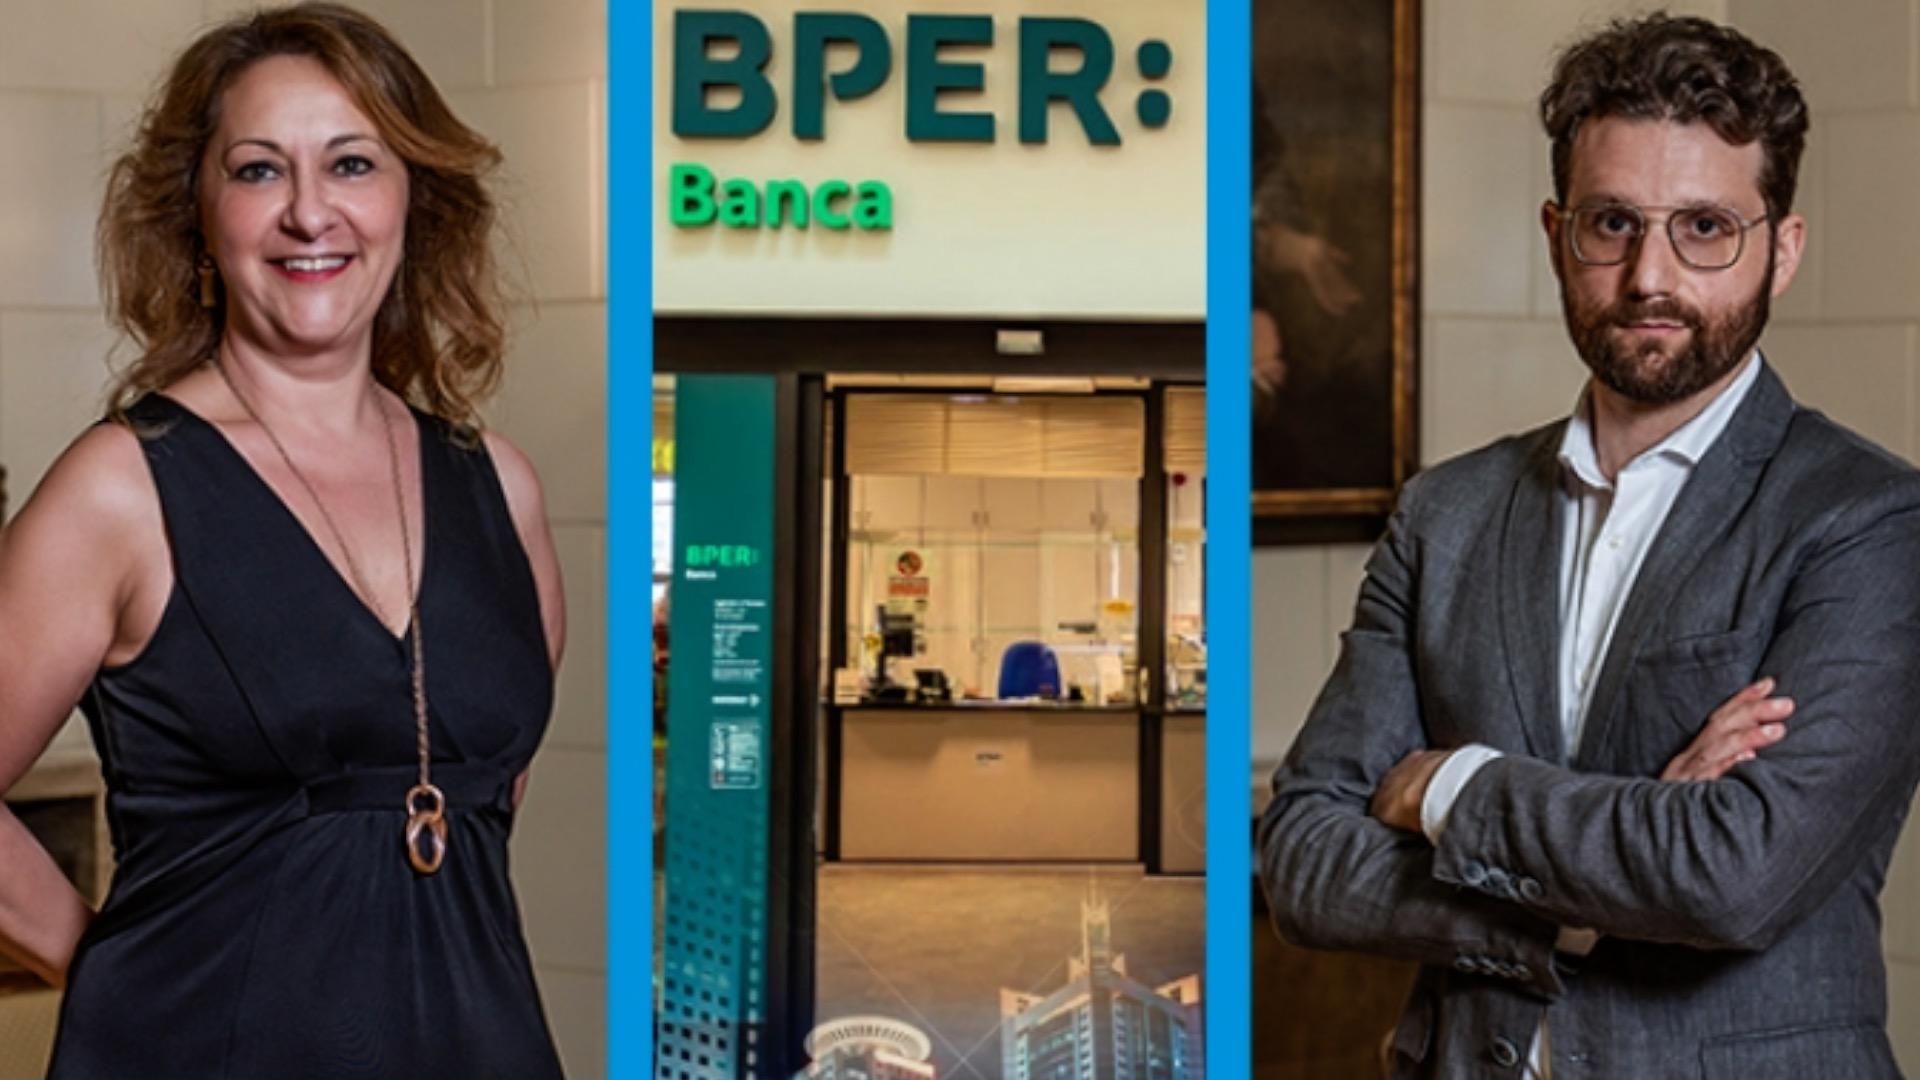 Bper, col piano industriale 645 nuove assunzioni e 65 stabilizzazioni